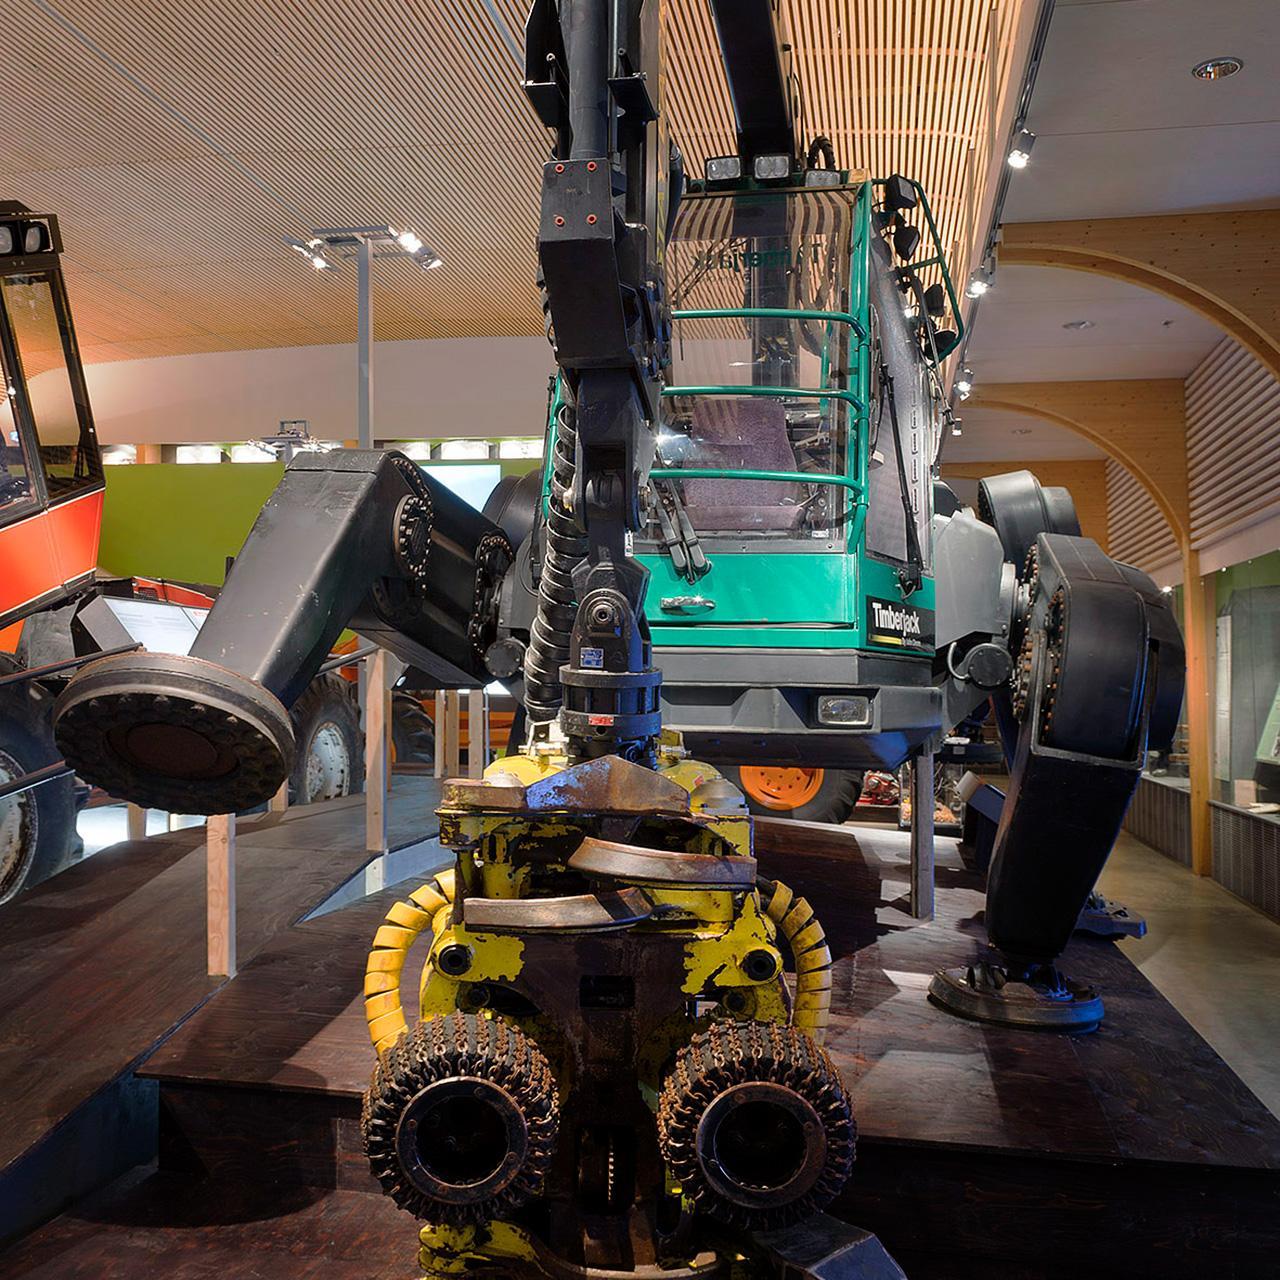 Kävelevä metsäkone Plusjack Luston Koneaika-näyttelyssä. Etualalla koura, sen takana itse kone yksi jalka ilmaan nostettuna.